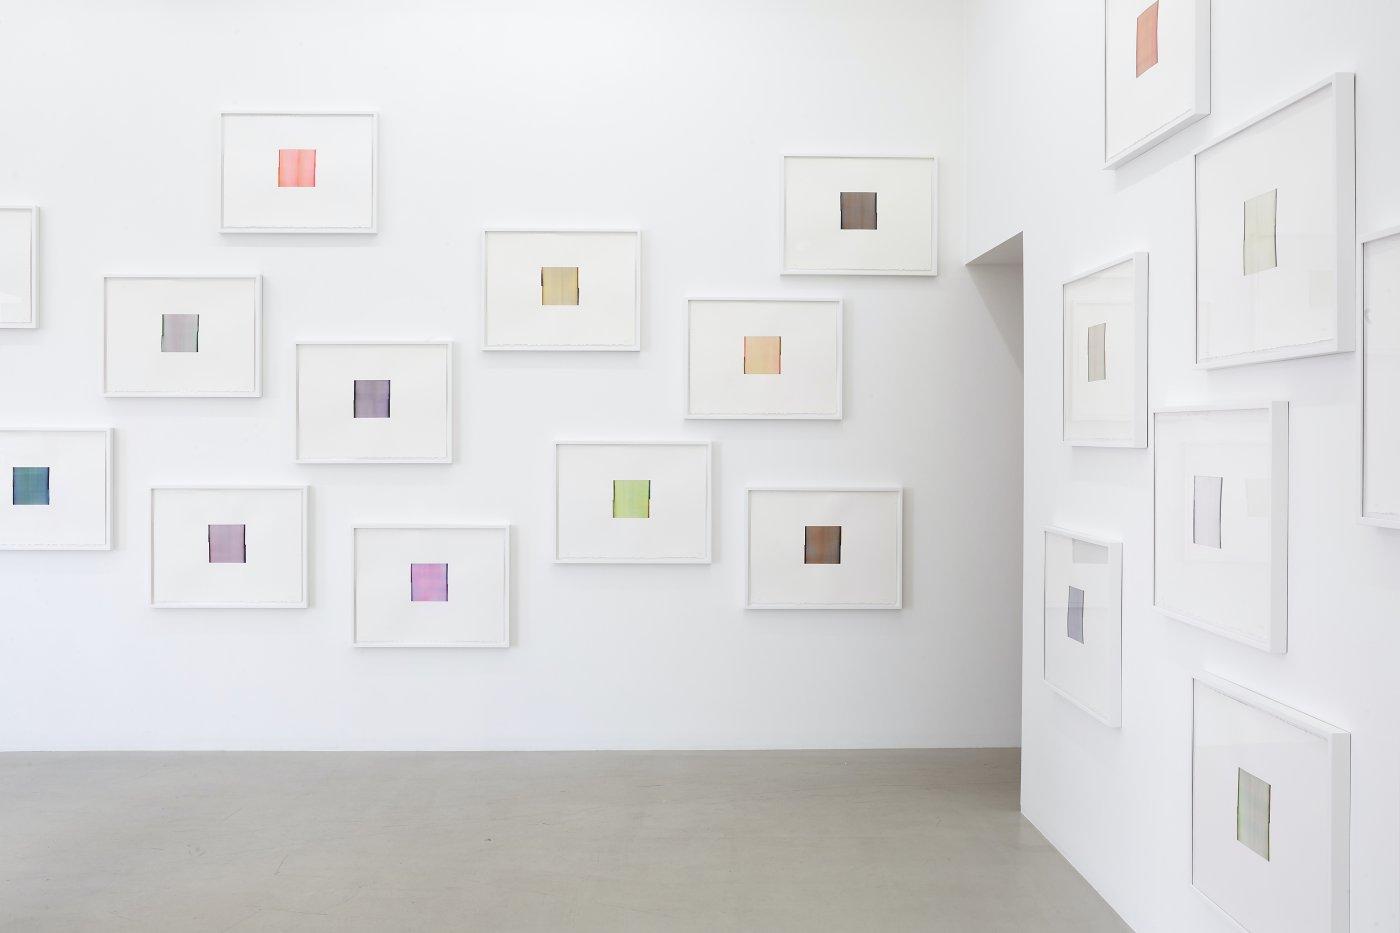 i8 Gallery Callum Innes 2